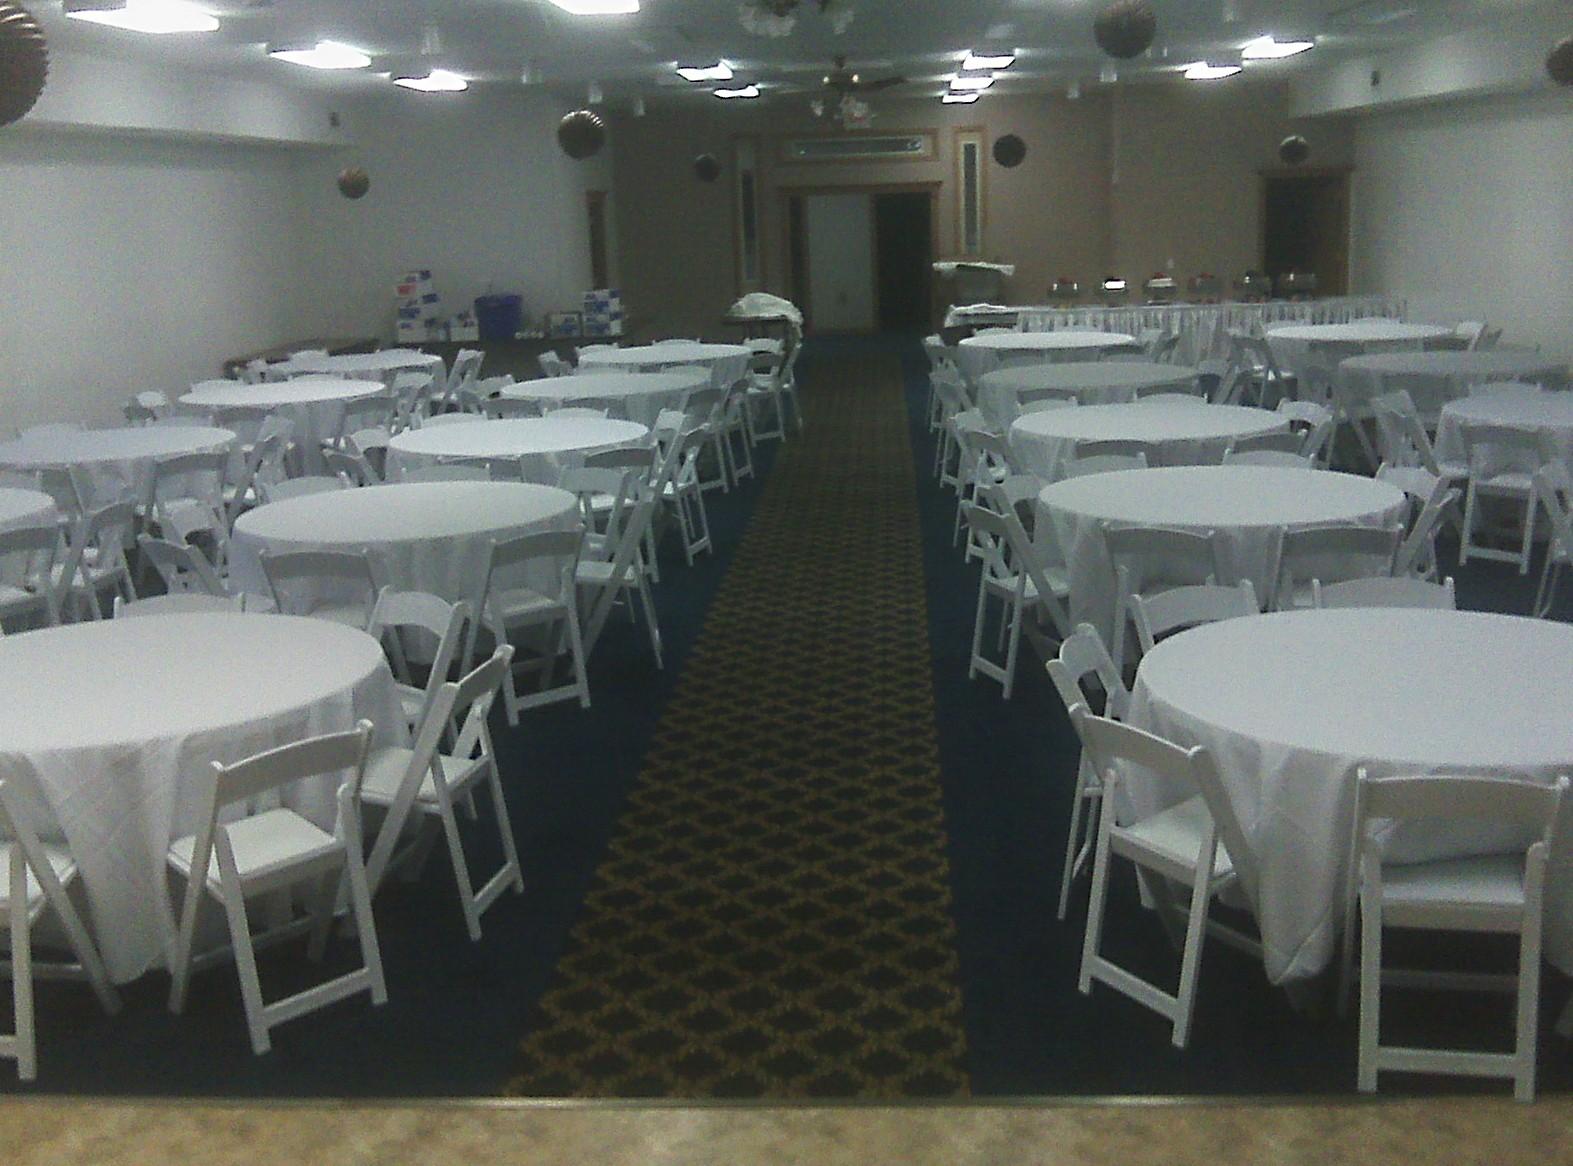 Amish Furniture Vermontville Michigan